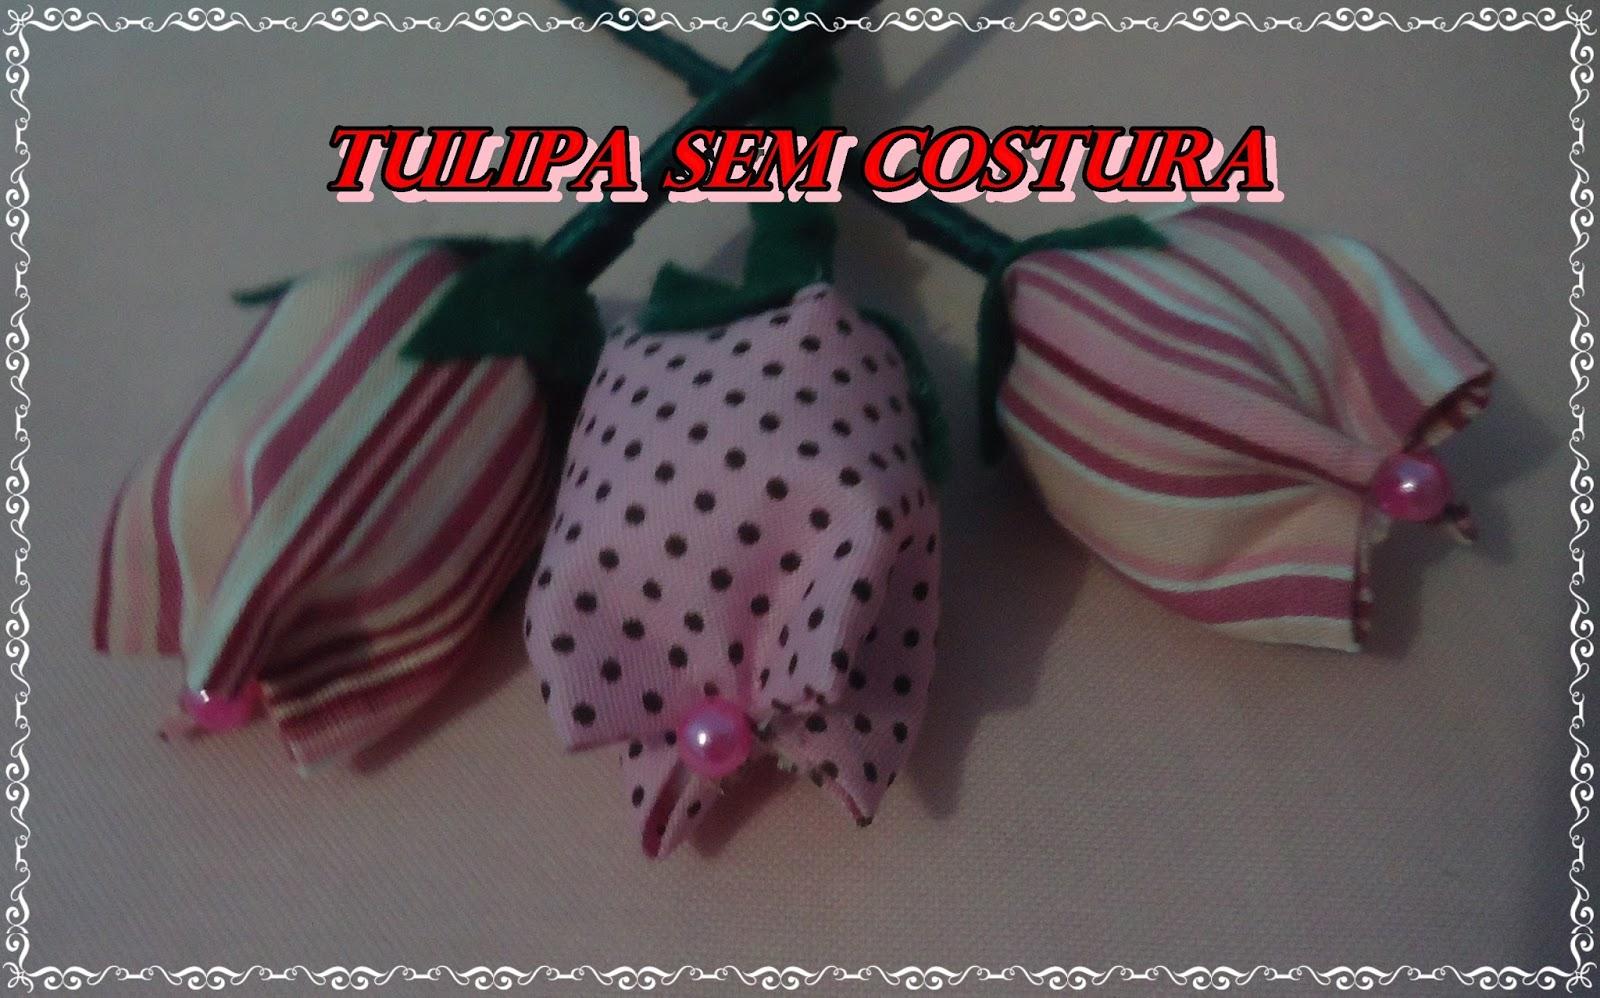 f777f0c7a tulipa sem costura. Ai está a nossa tulipa